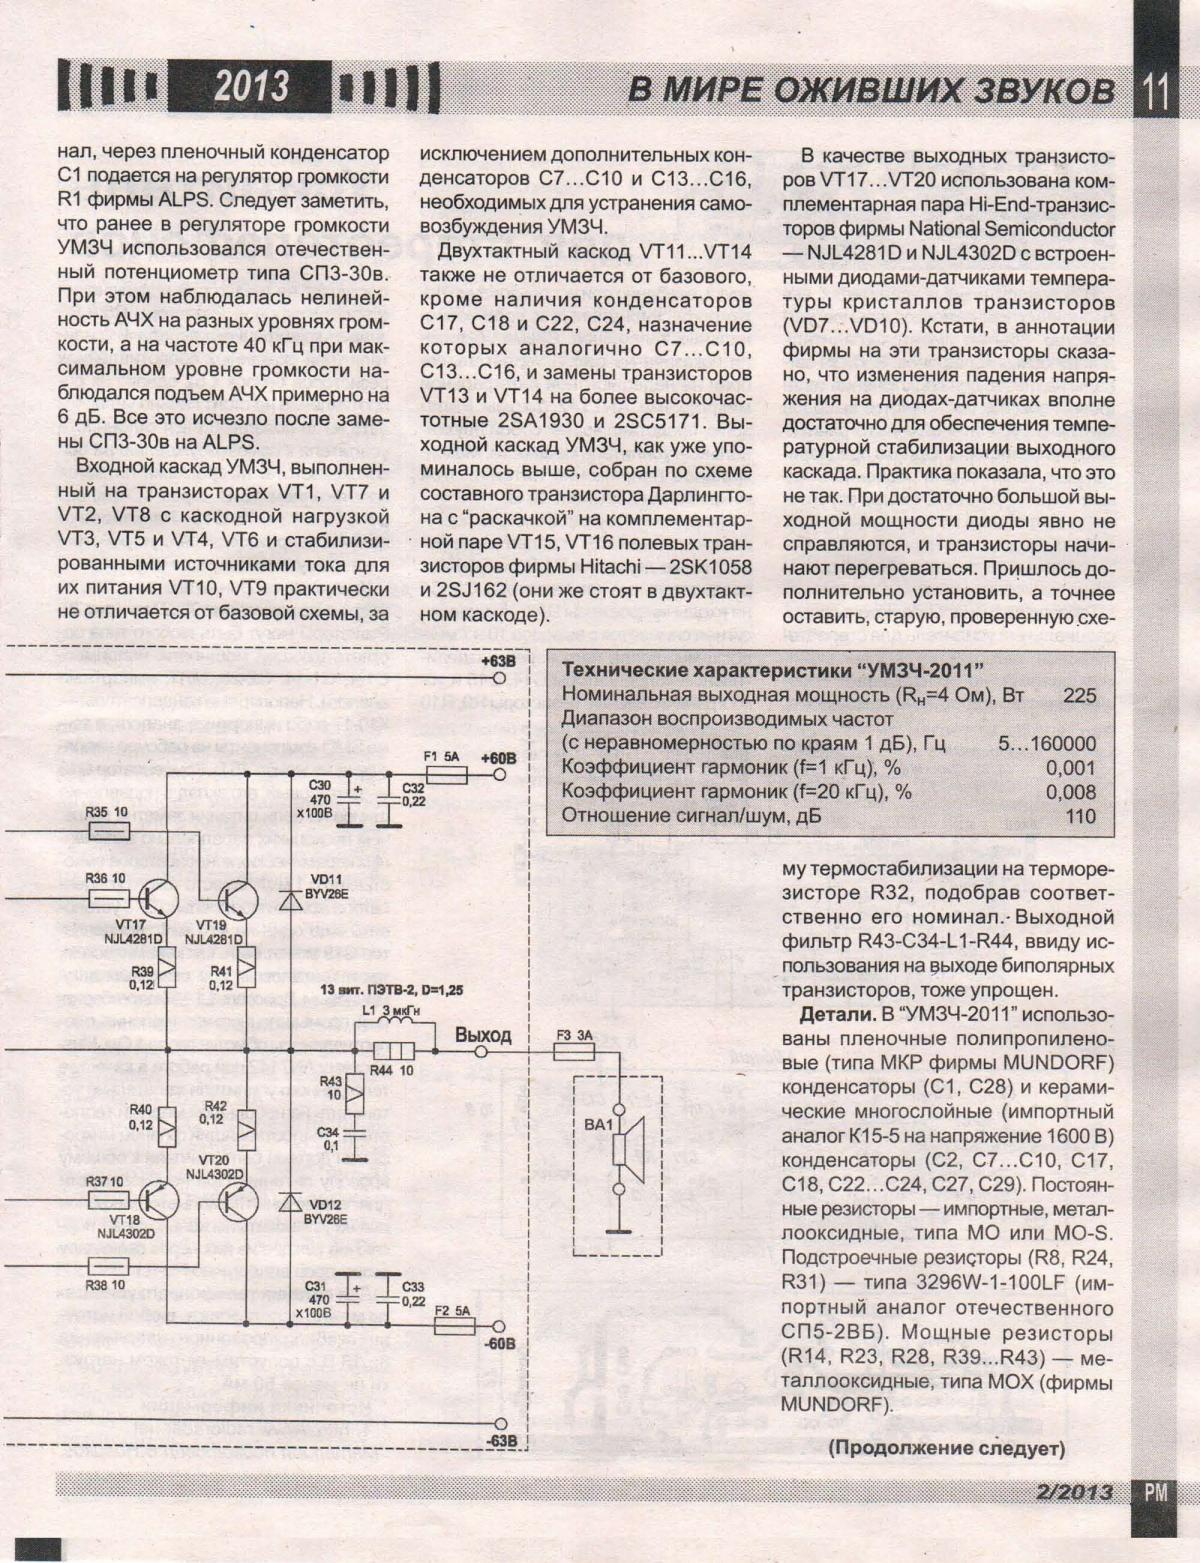 Усилитель звука своими руками (УМЗЧ виды, схемы, простые и сложные) 10